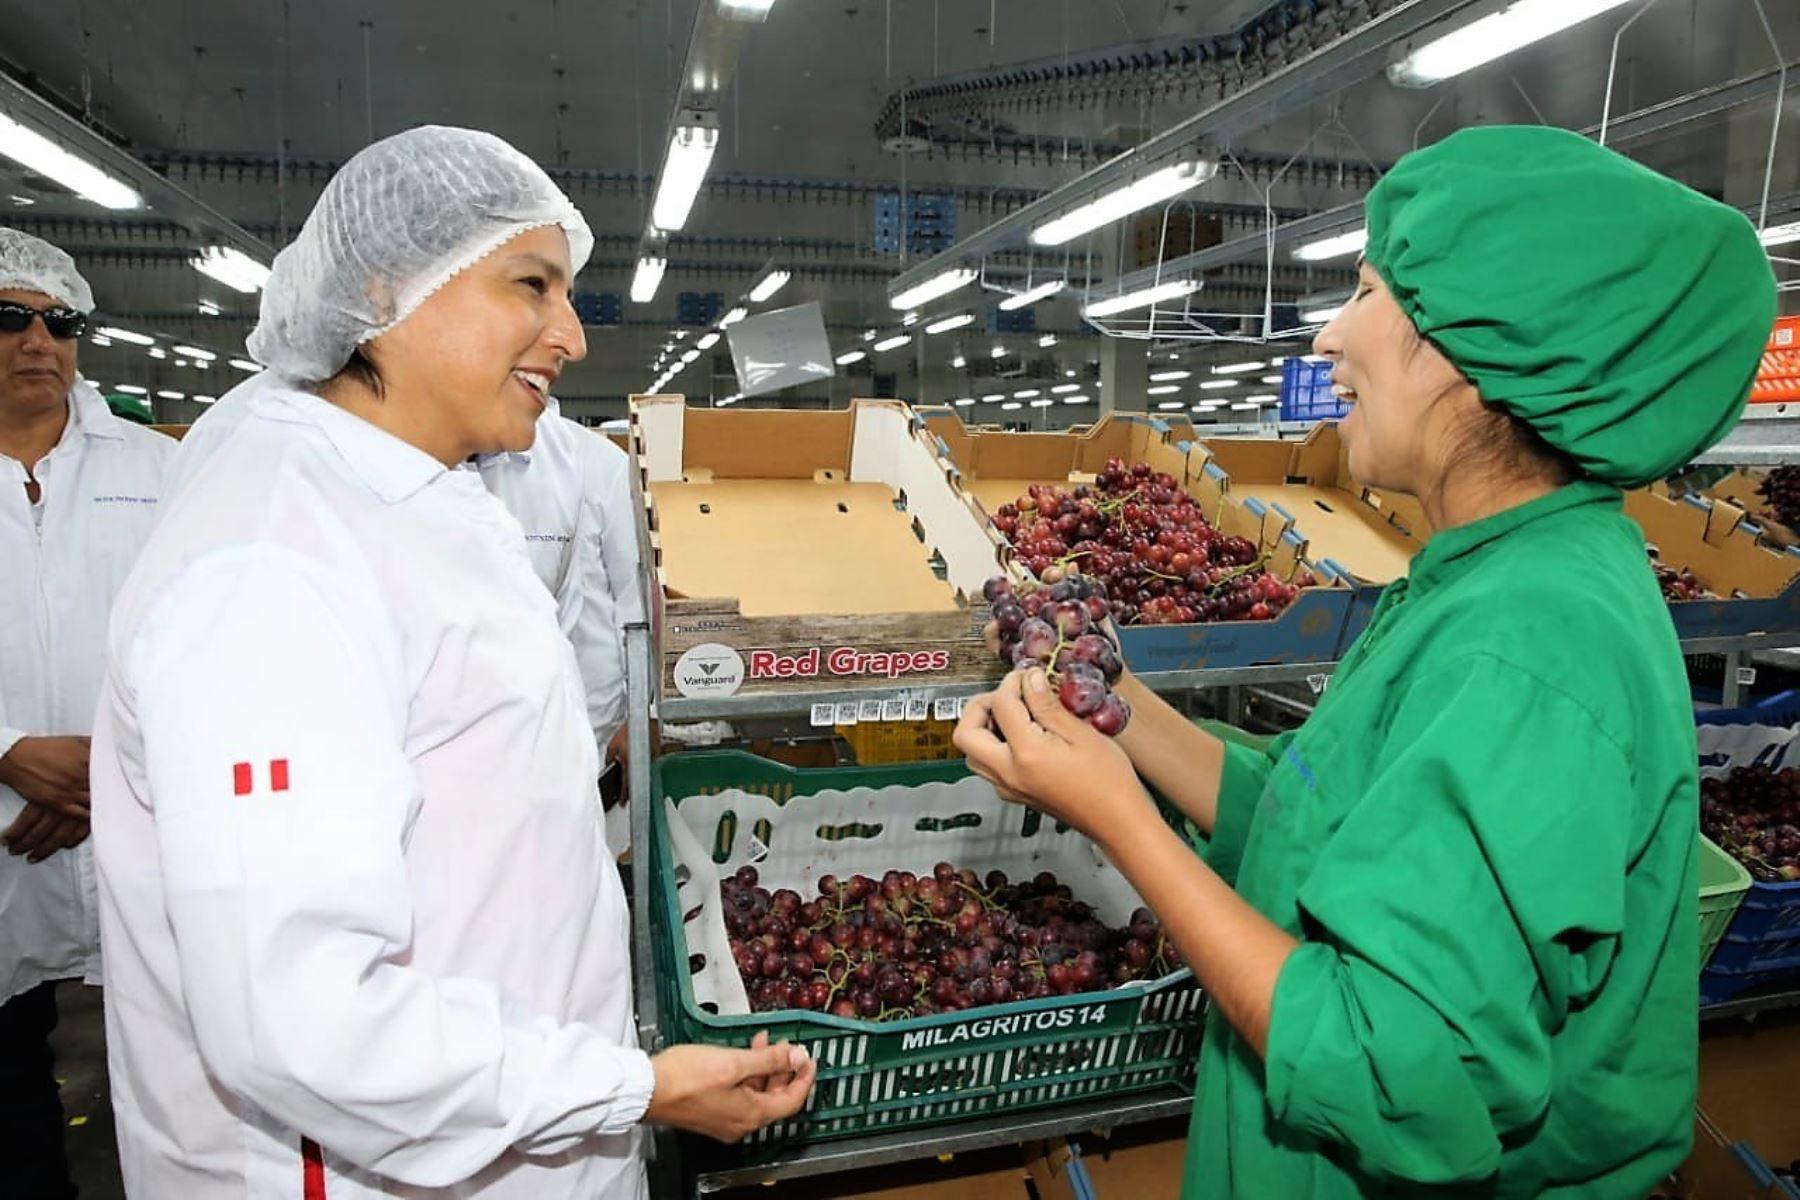 La ministra de Trabajo, Sylvia Cáceres, participó en una visita de fiscalización en Ica.